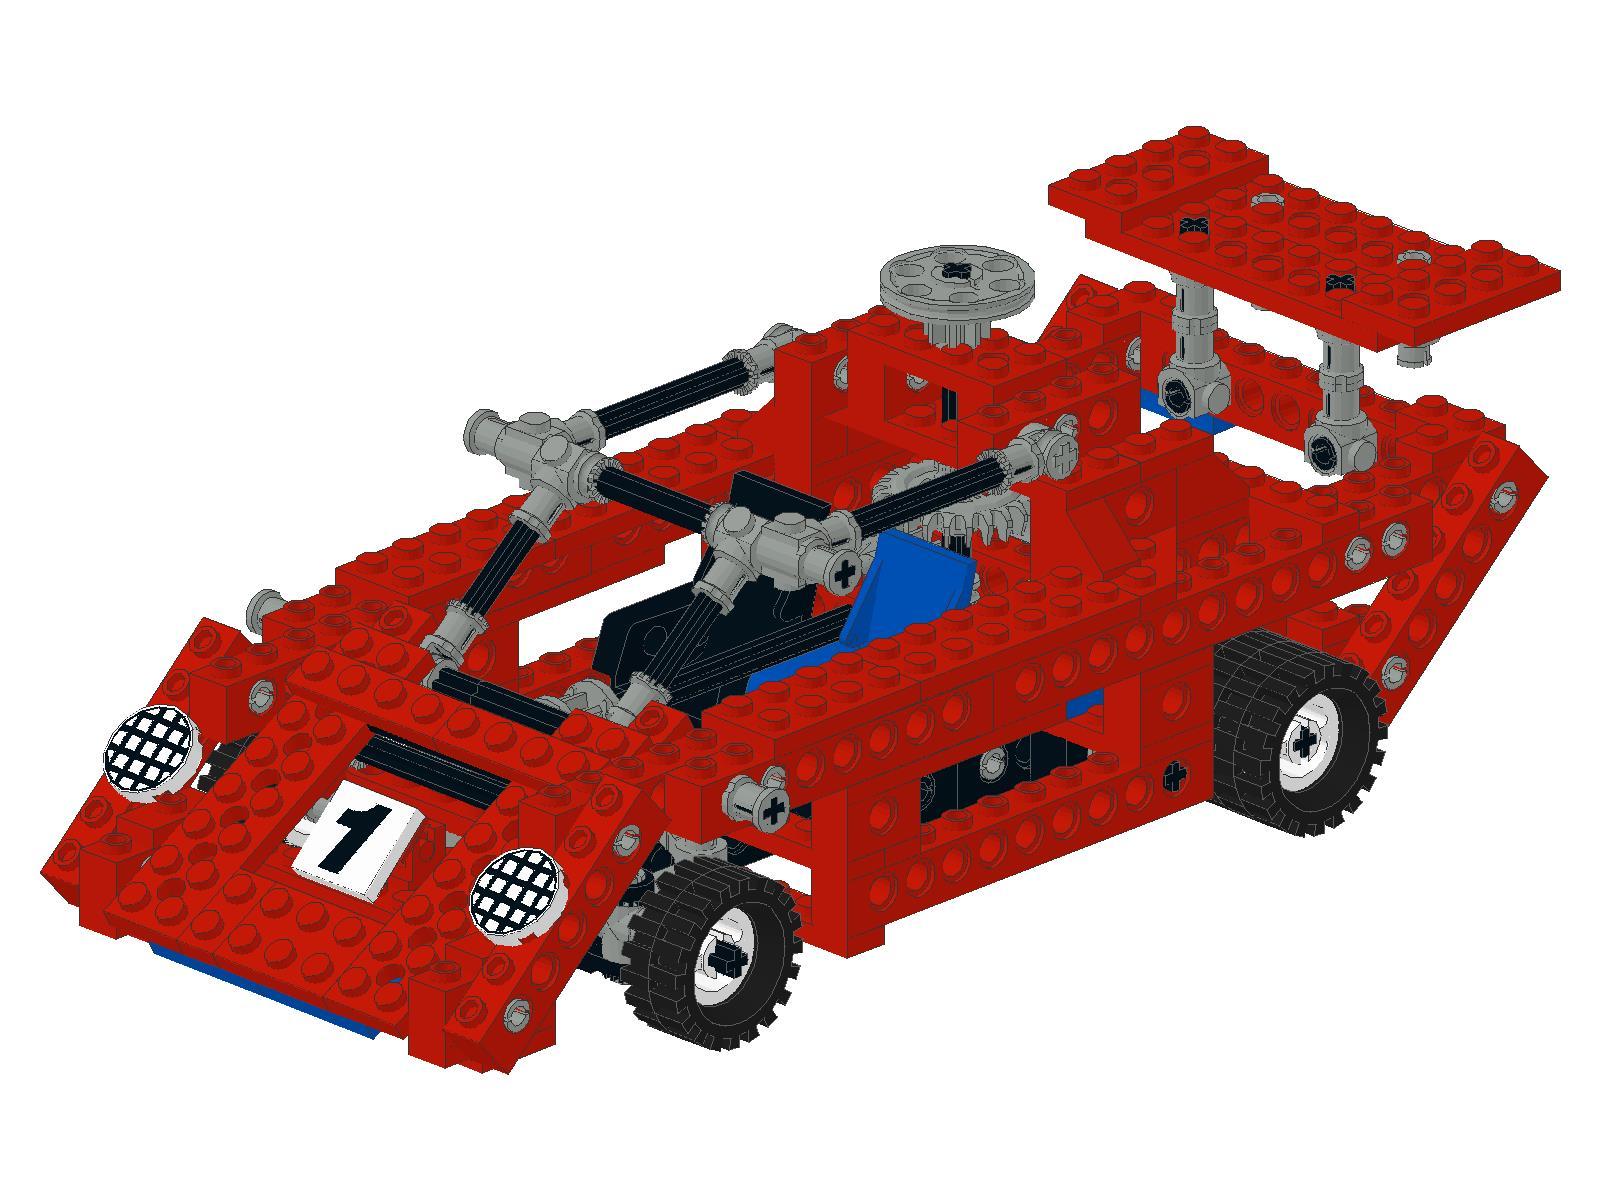 technic_racer_8024-8815-8820_combi.jpeg